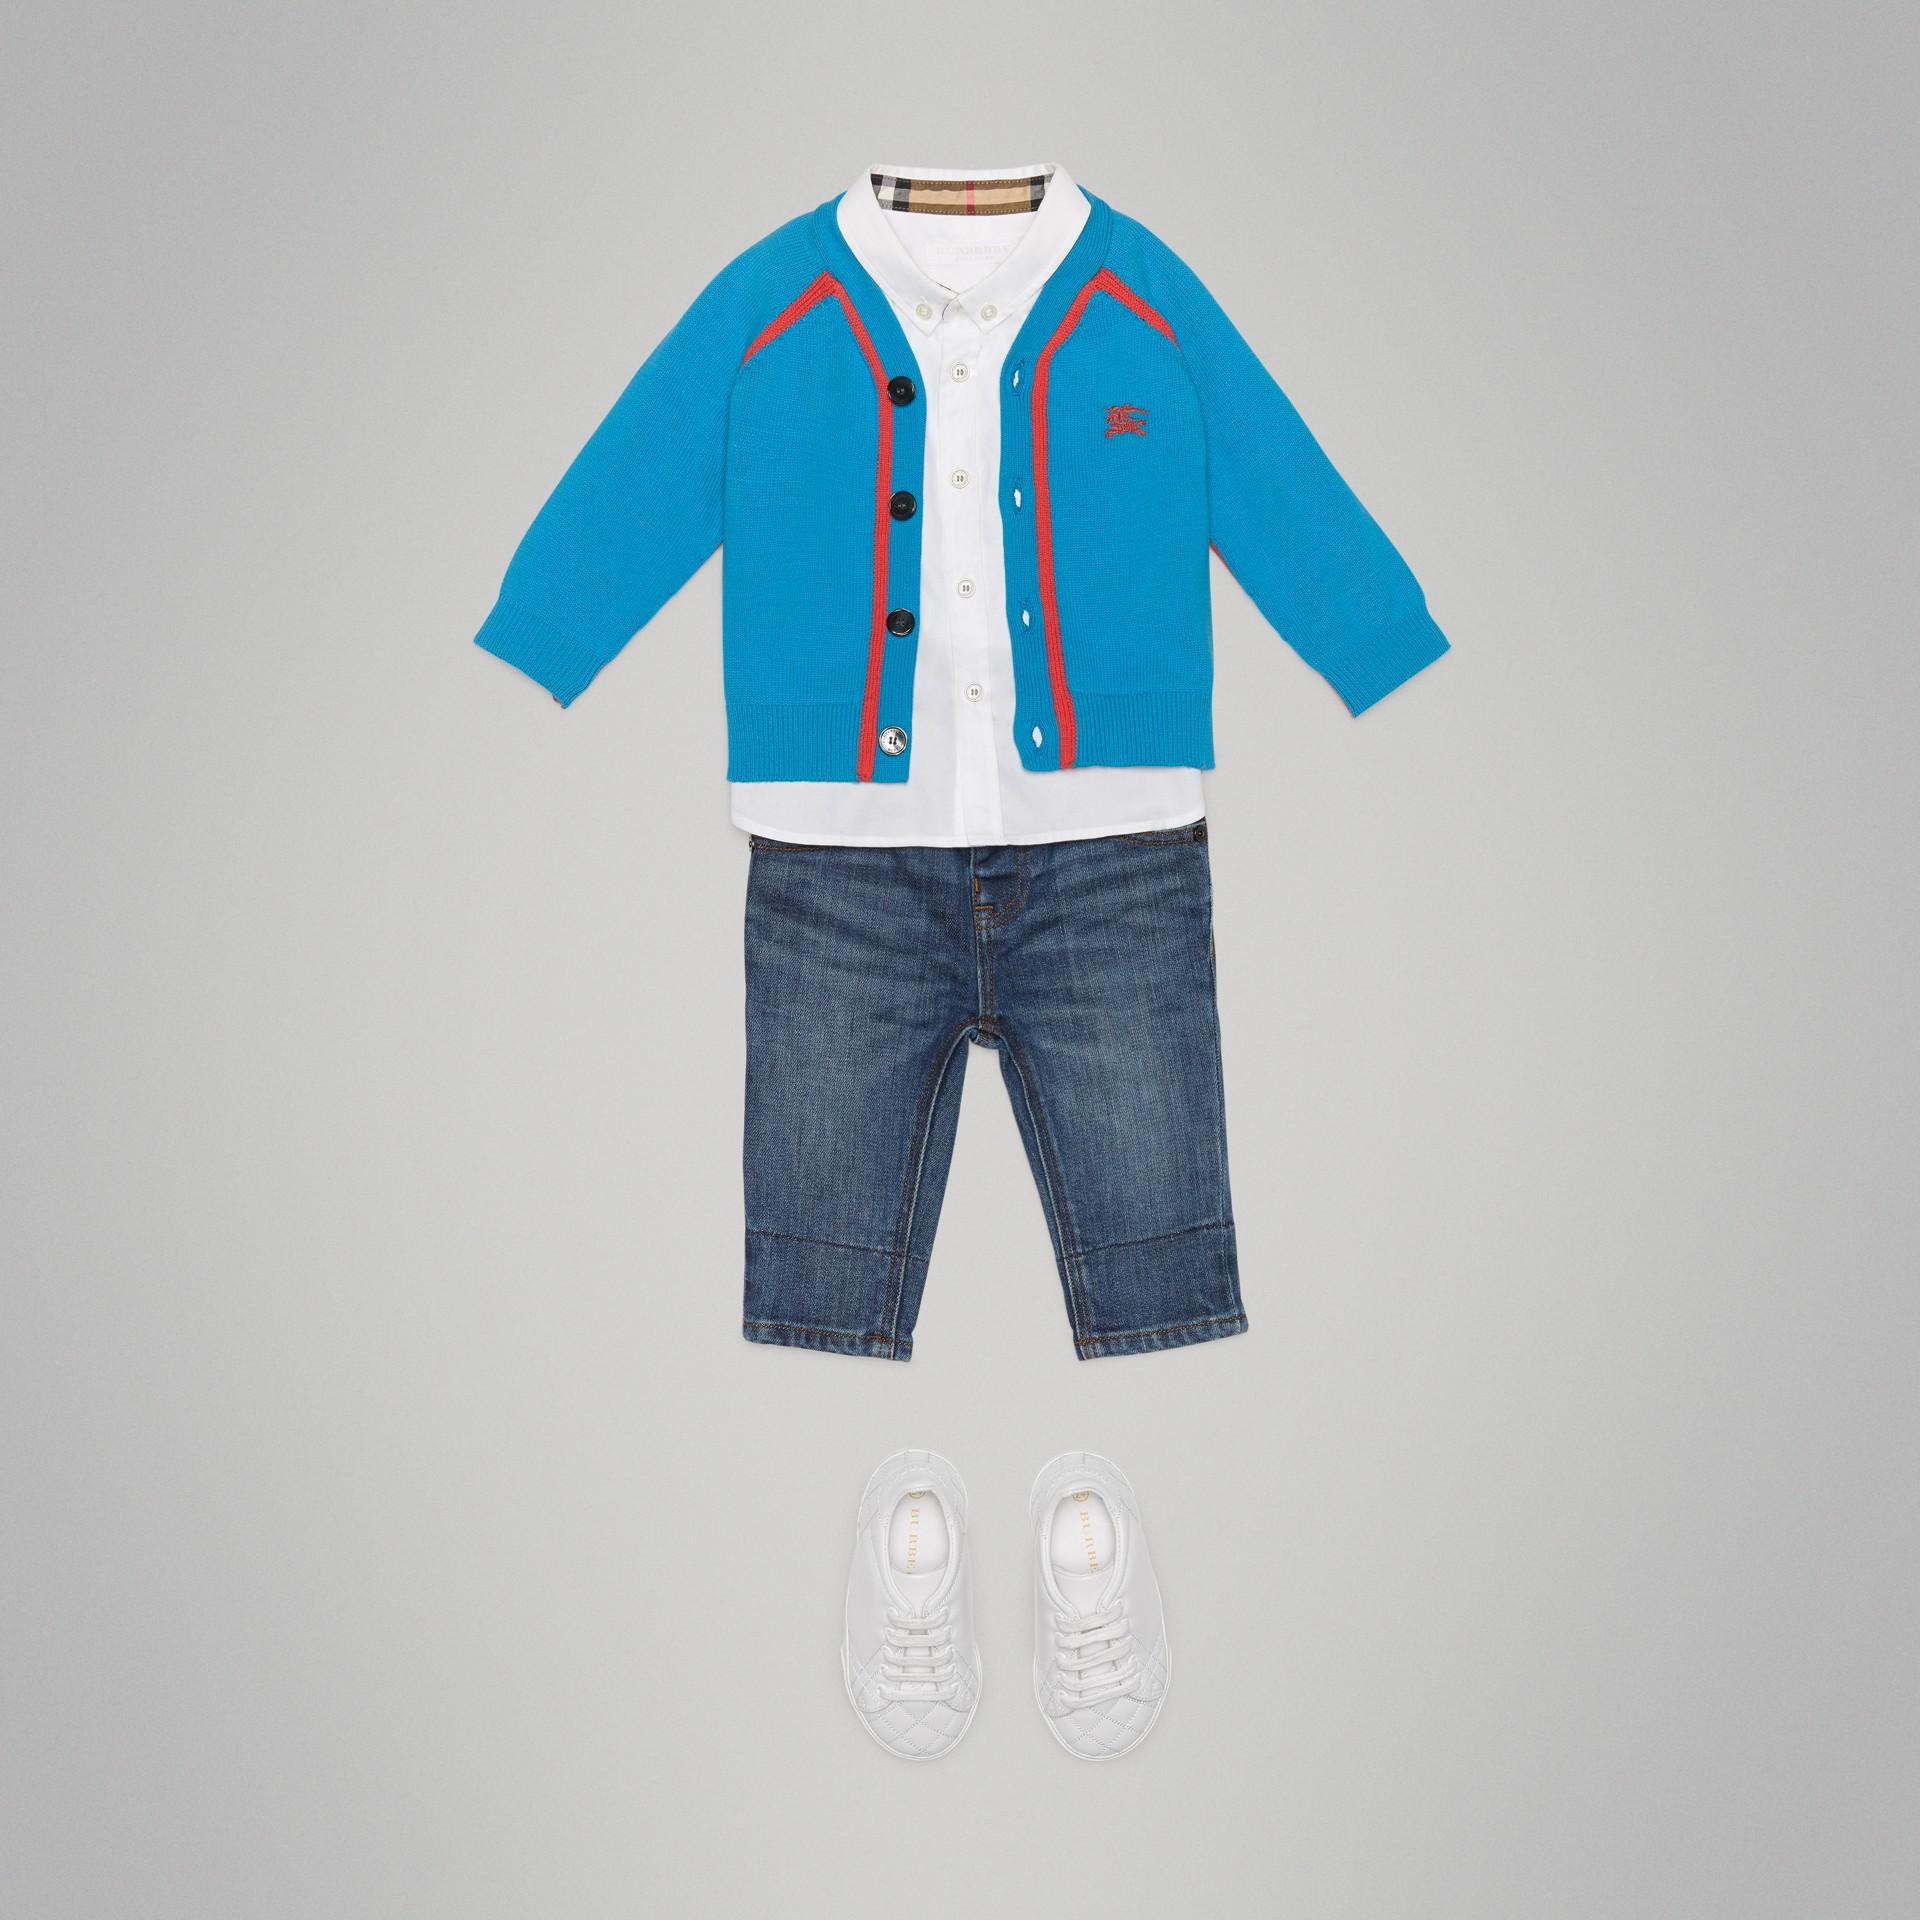 Cardigan en coton bicolore (Bleu Régate) - Enfant | Burberry - photo de la galerie 2